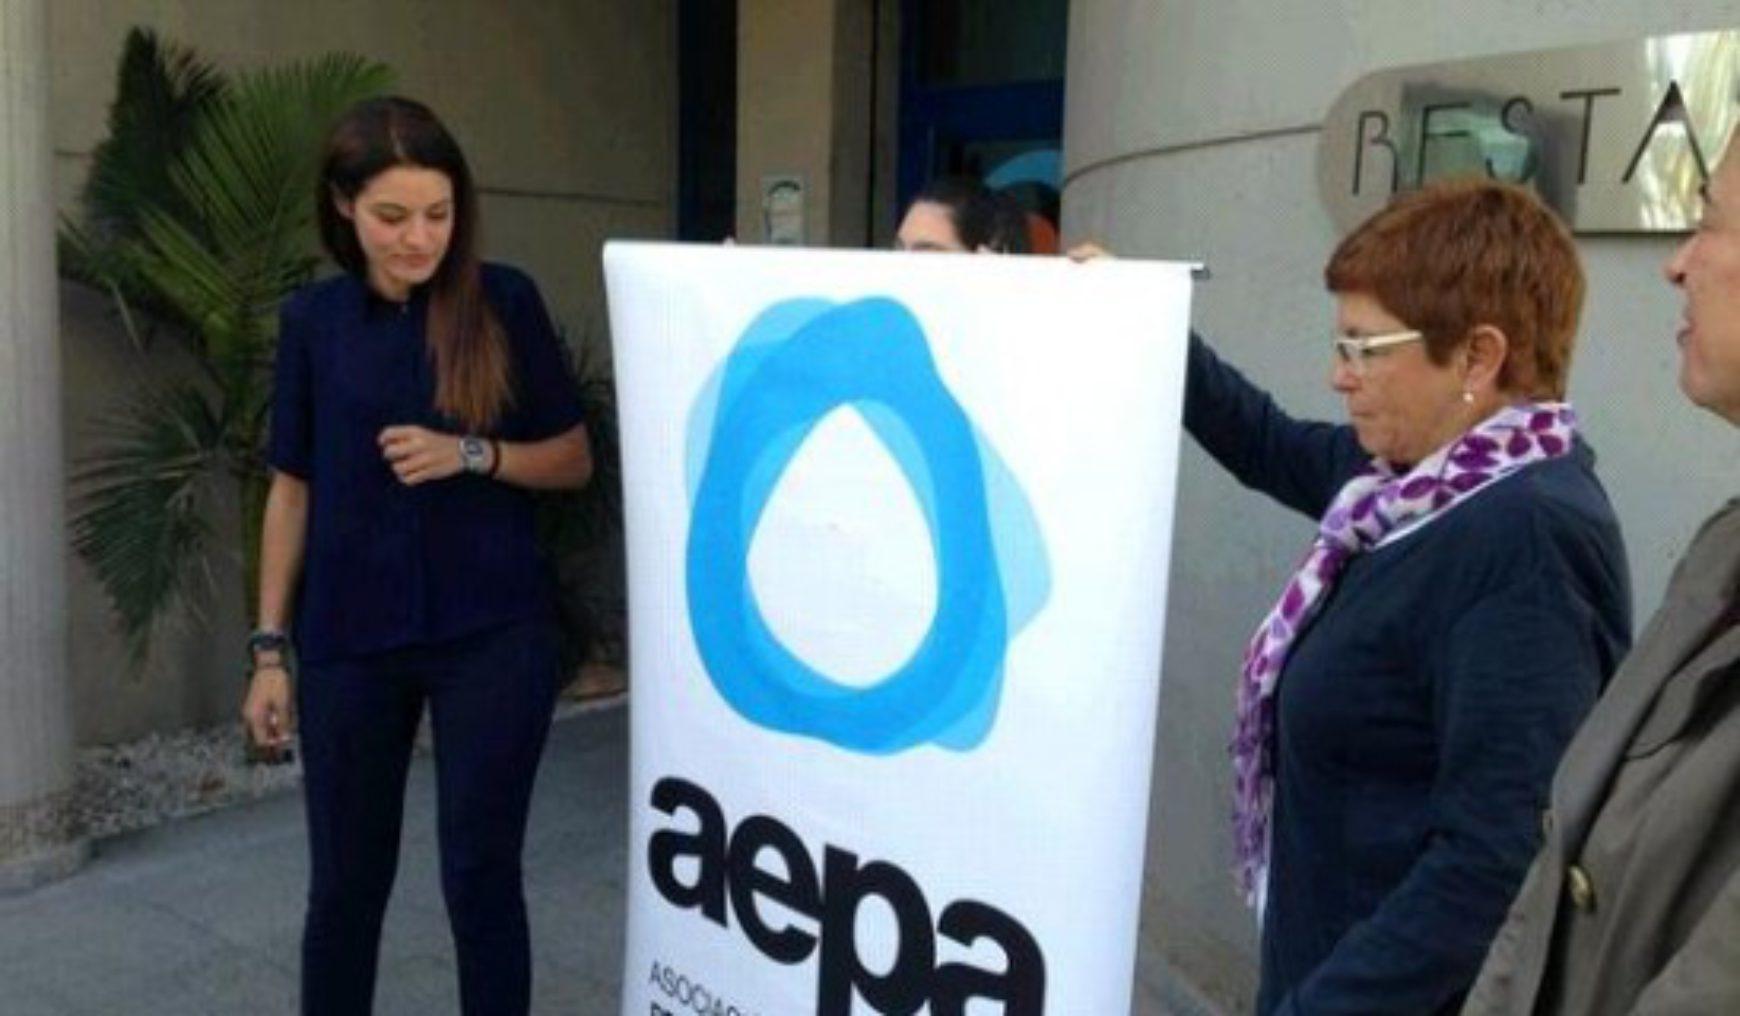 Aepa se reúne con los principales partidos políticos de cara a las Elecciones Europeas